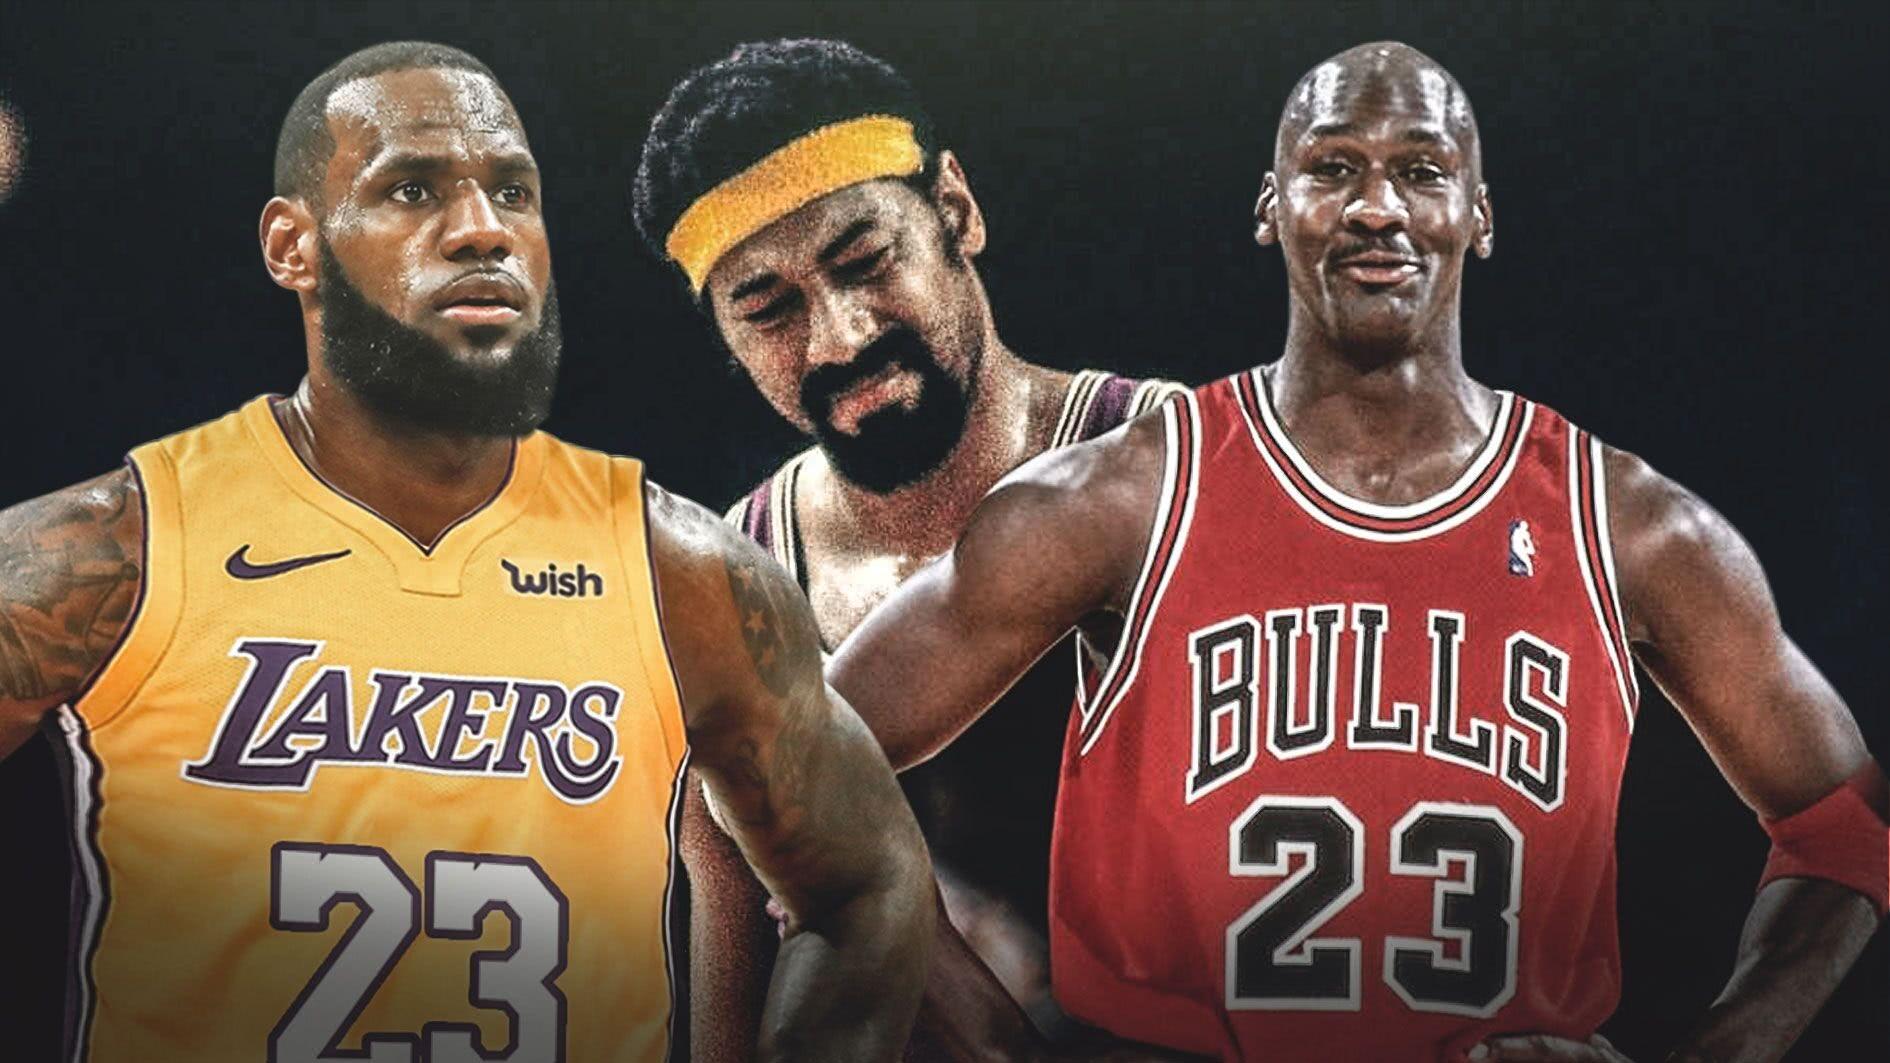 美媒排名NBA球员天赋排行榜前十:现役詹姆斯第一,雷霆双星上榜